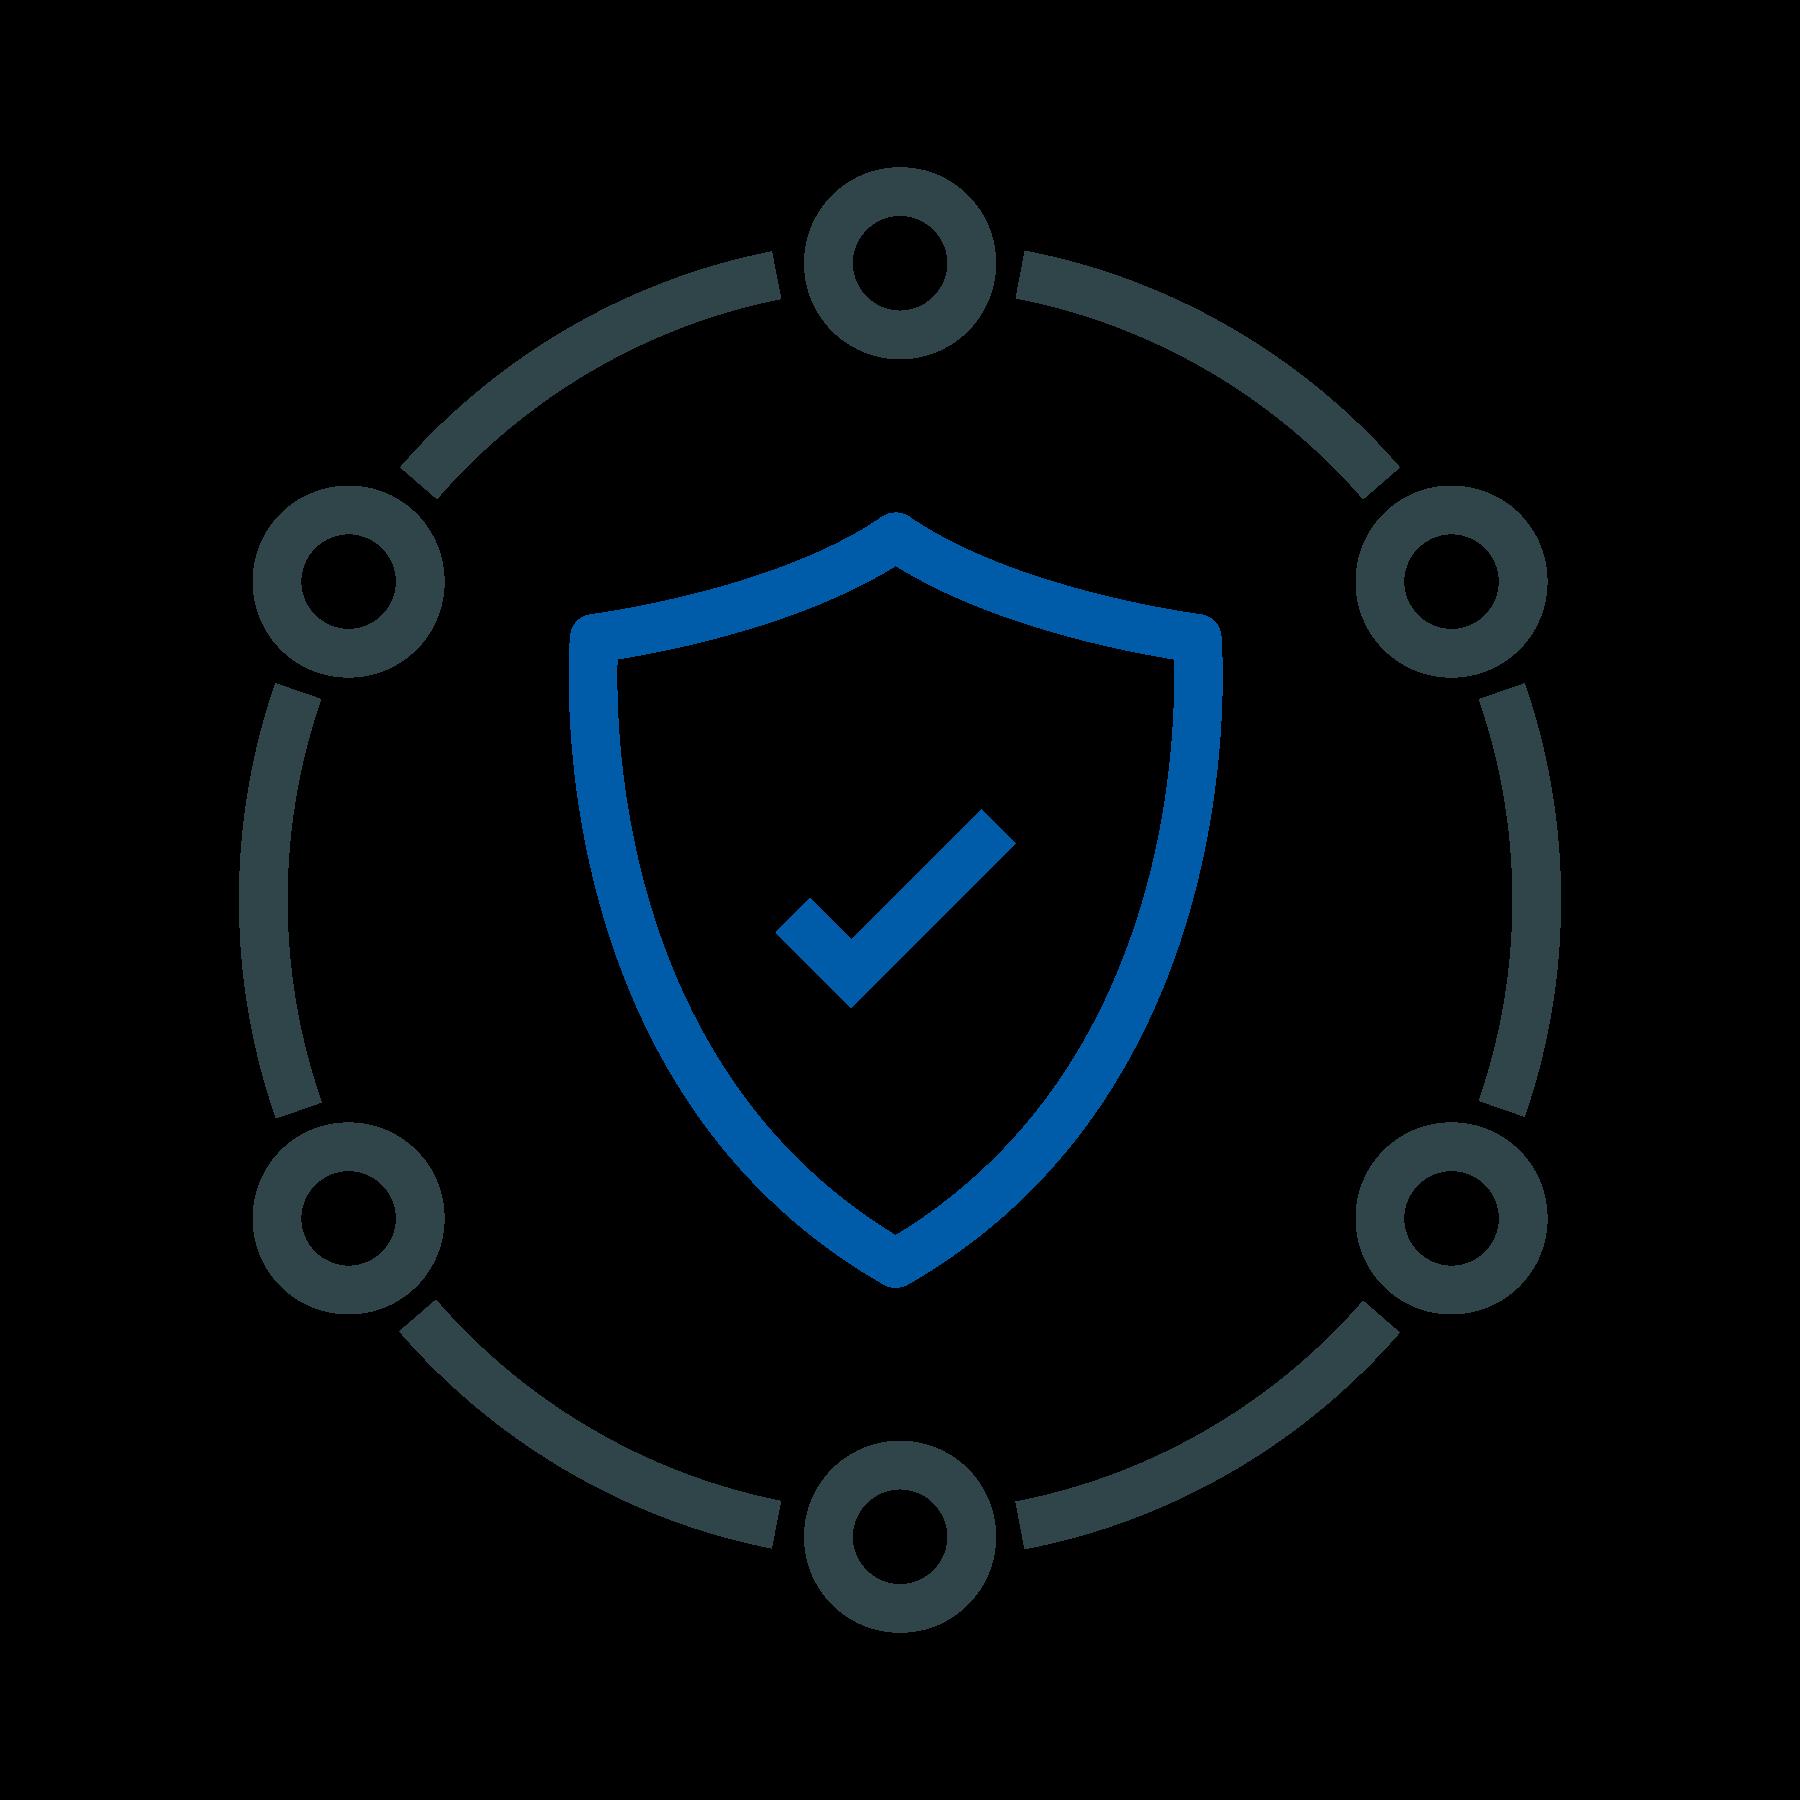 Wartung und Pflege von IT-Sicherheitssystemen